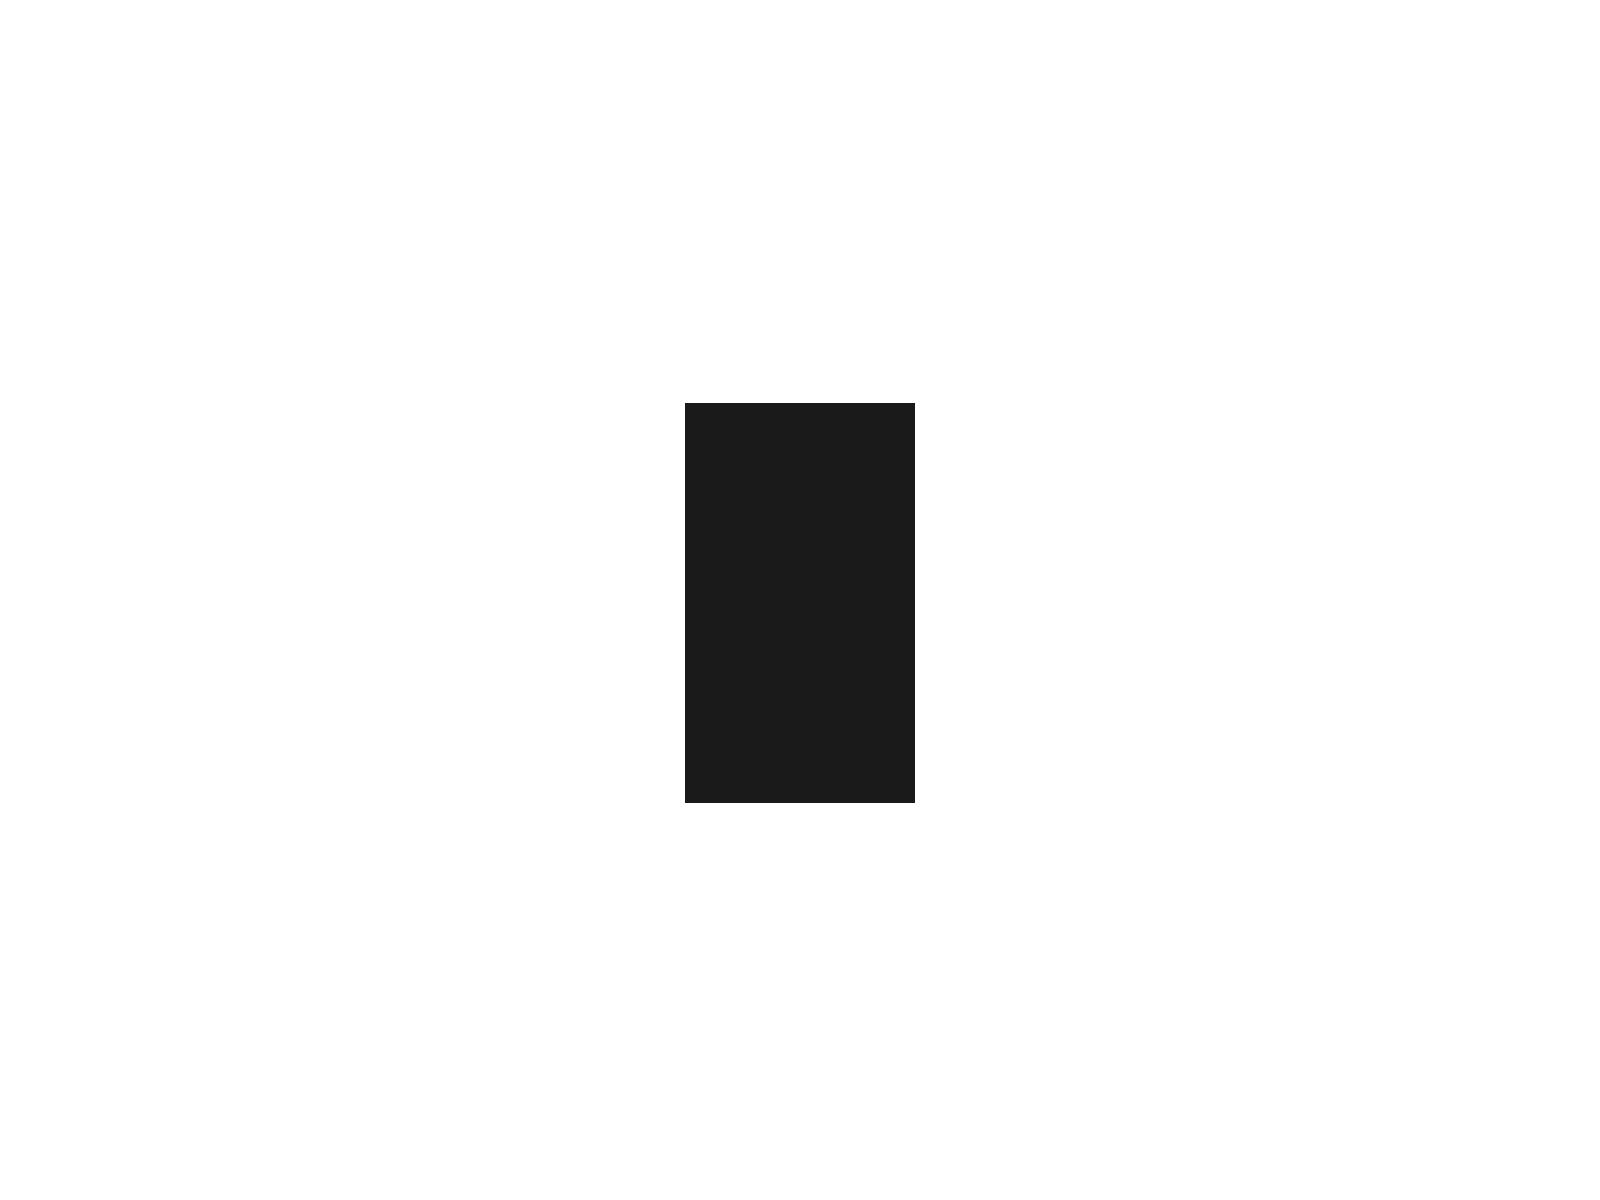 200325_logo_0016_Very-day